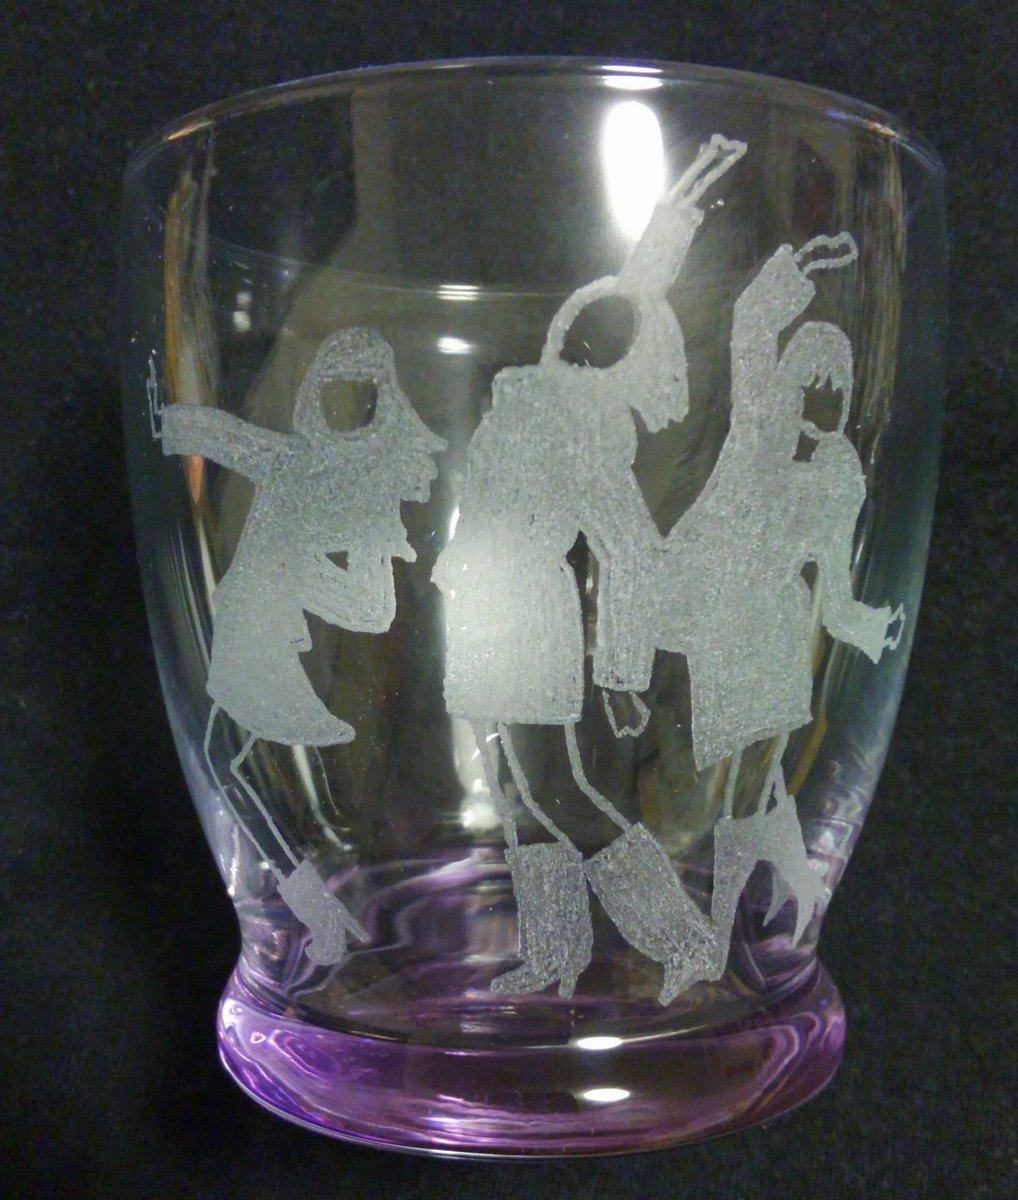 こねこのチーのOPになったということで、ねぇのグラス作製グラスが紫色なのは、ジャケ写意識です(模様がジャケ写じゃないけど